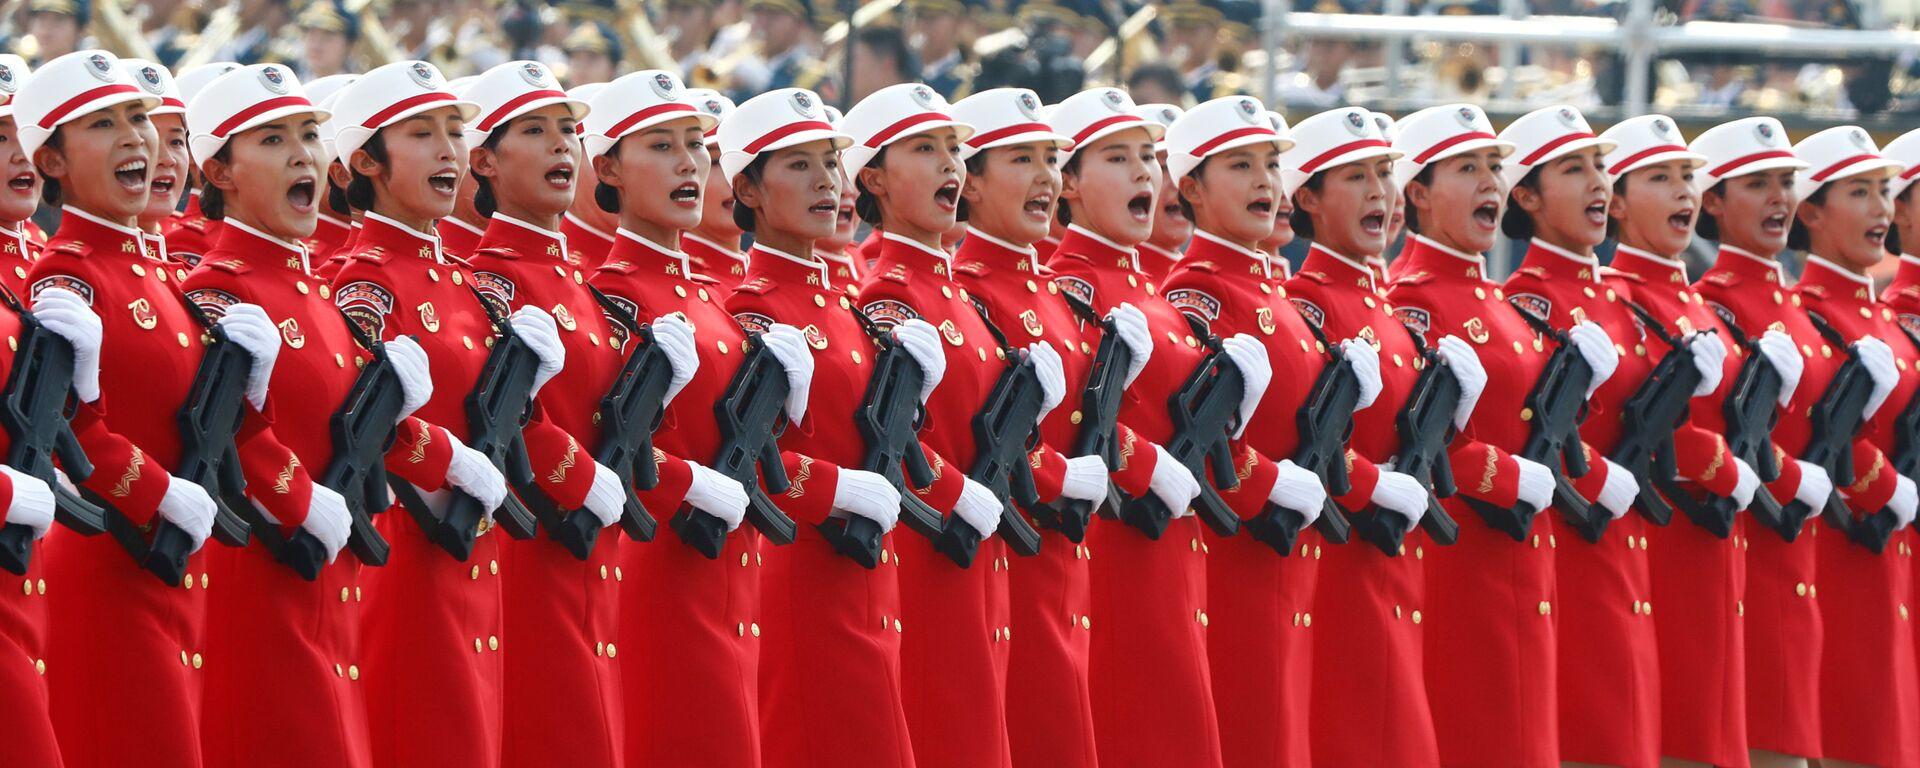 Солдаты армии Китая на военном параде в честь 70-летия образования КНР в Пекине - Sputnik Таджикистан, 1920, 19.04.2021